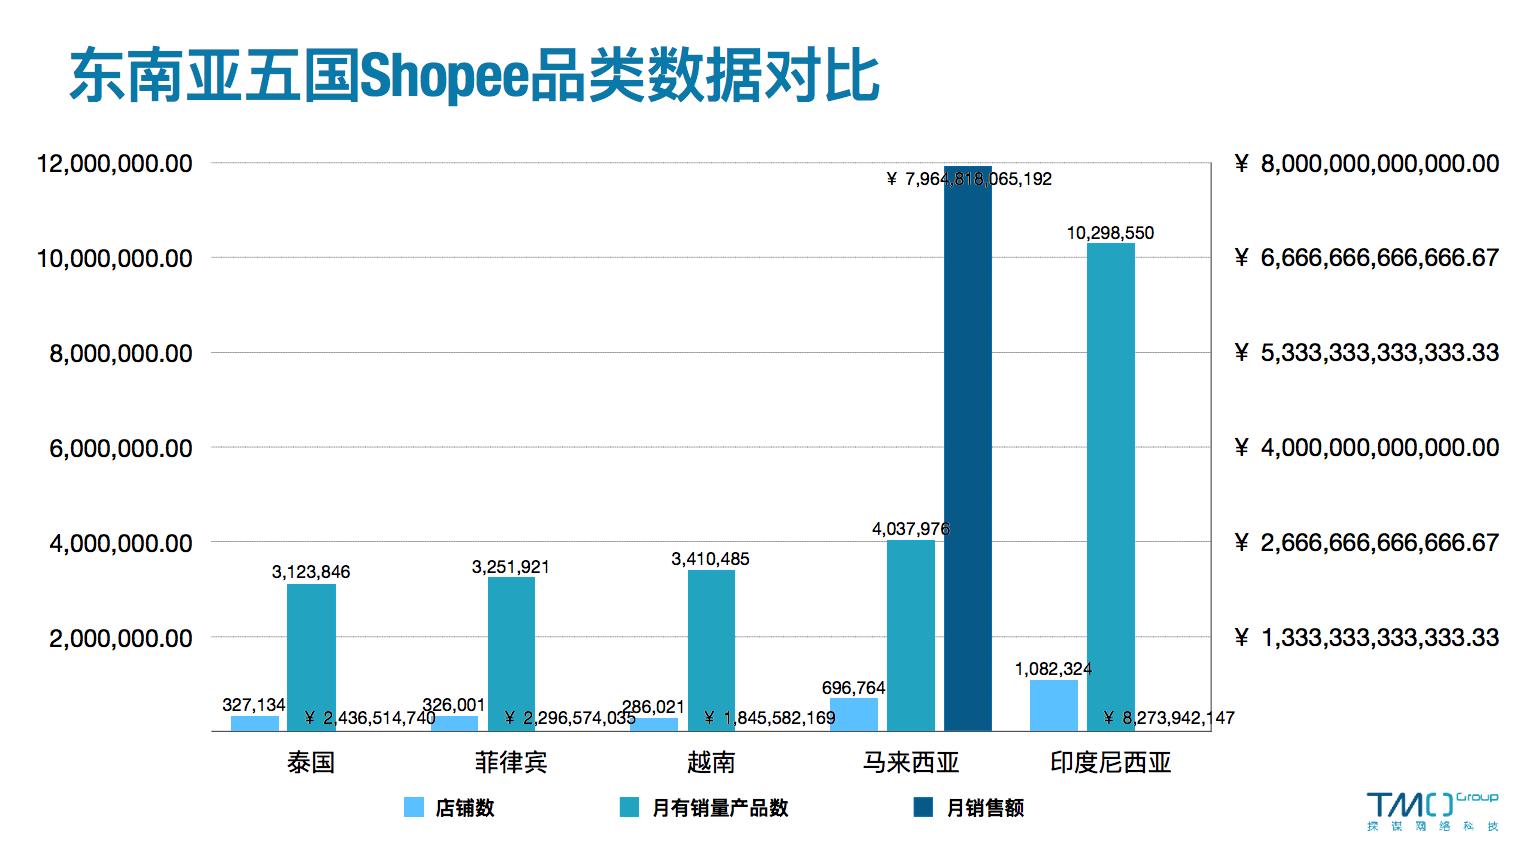 东南亚五国Shopee数据对比-3月